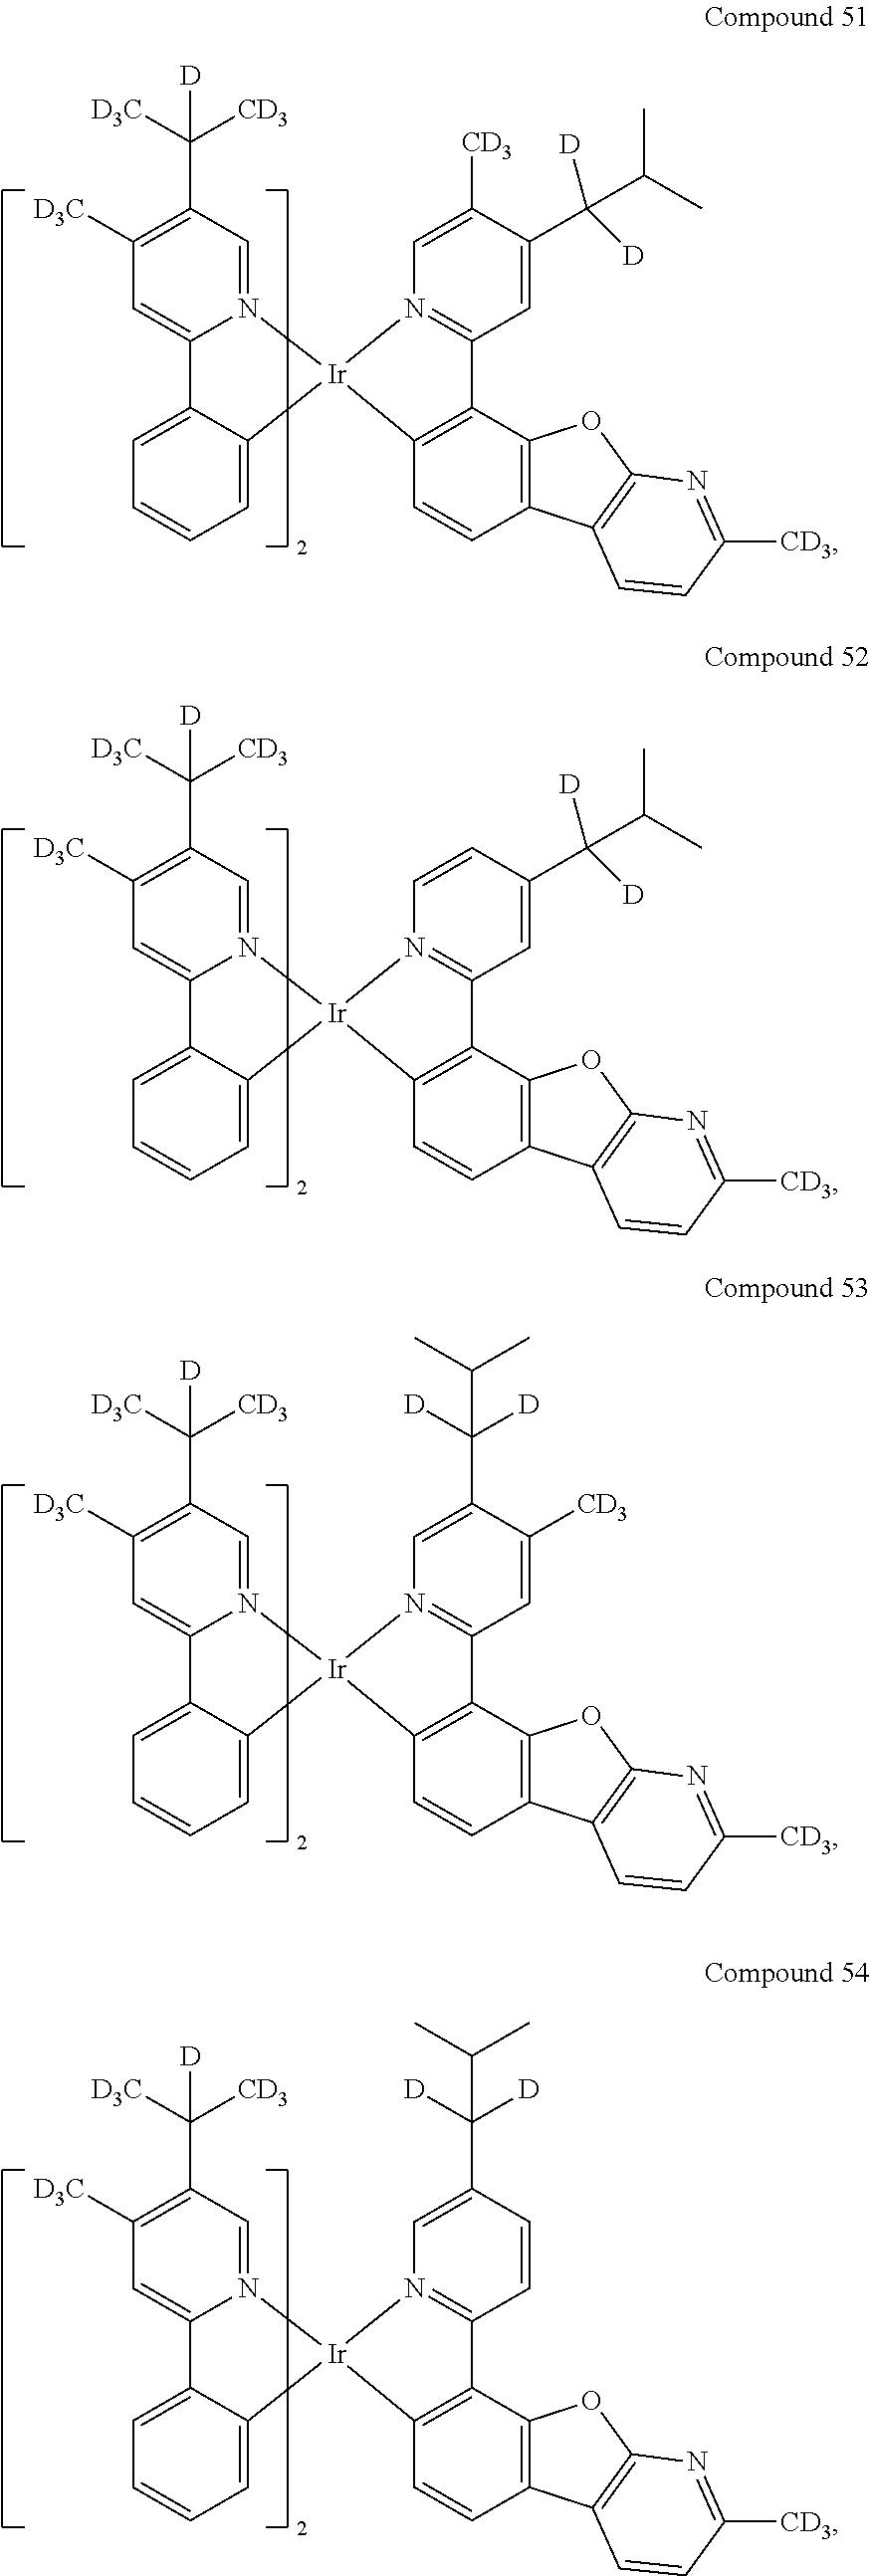 Figure US20160049599A1-20160218-C00543